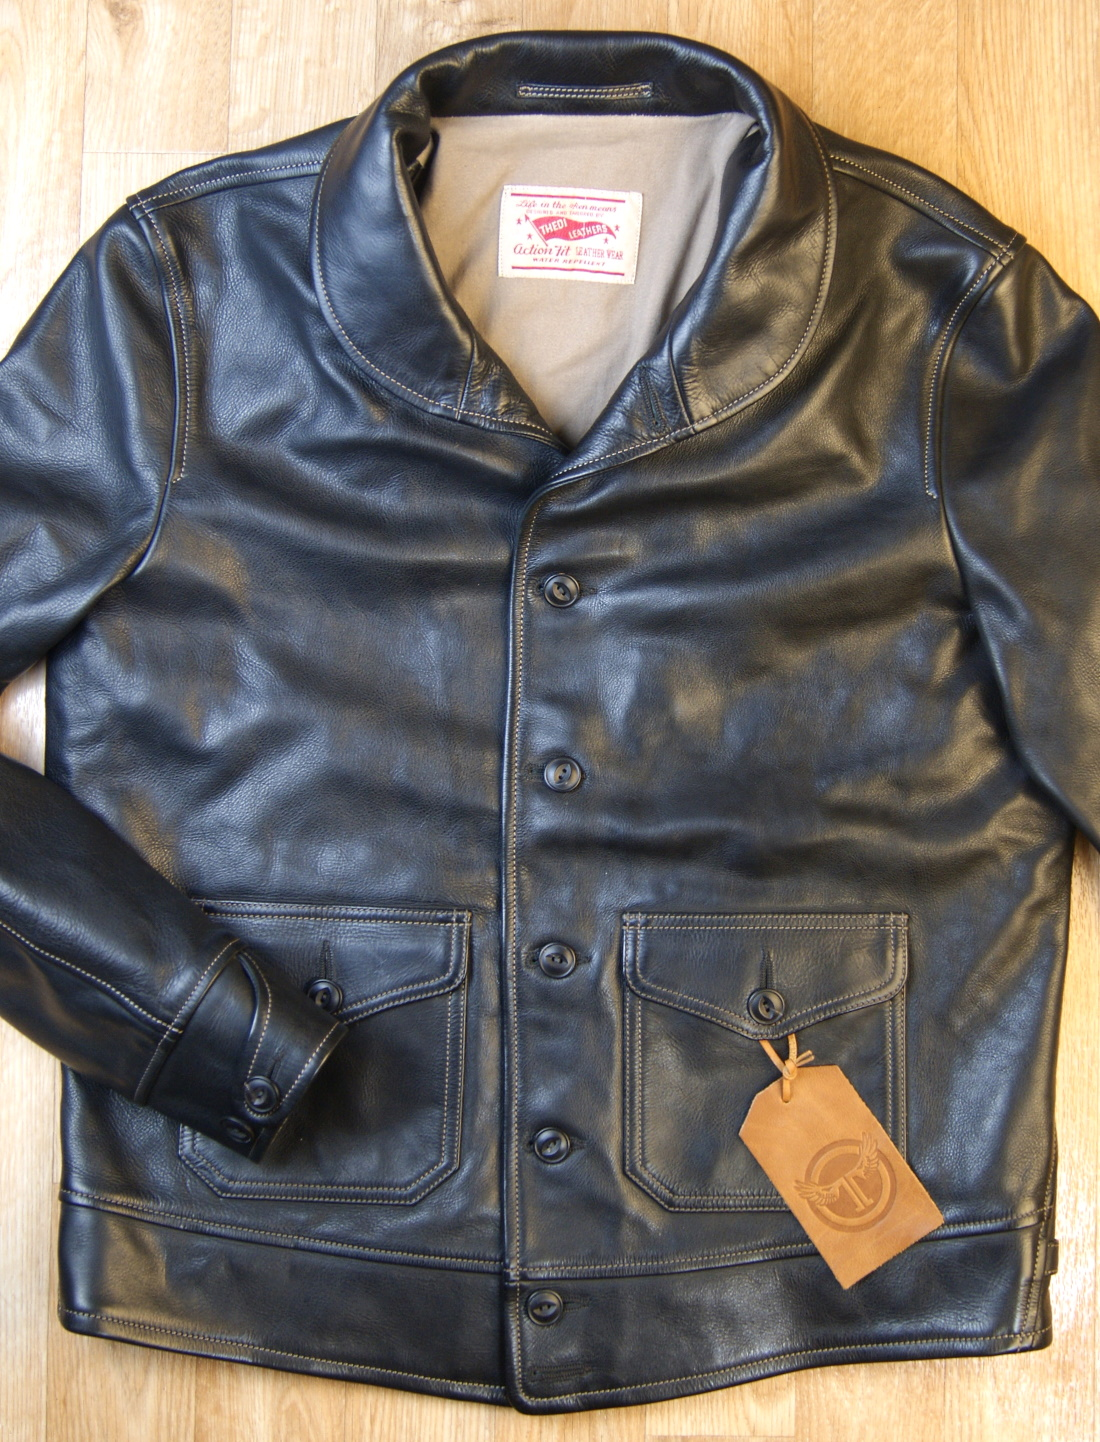 Thedi Shawl Collar Black Cowhide 2XL front.jpg